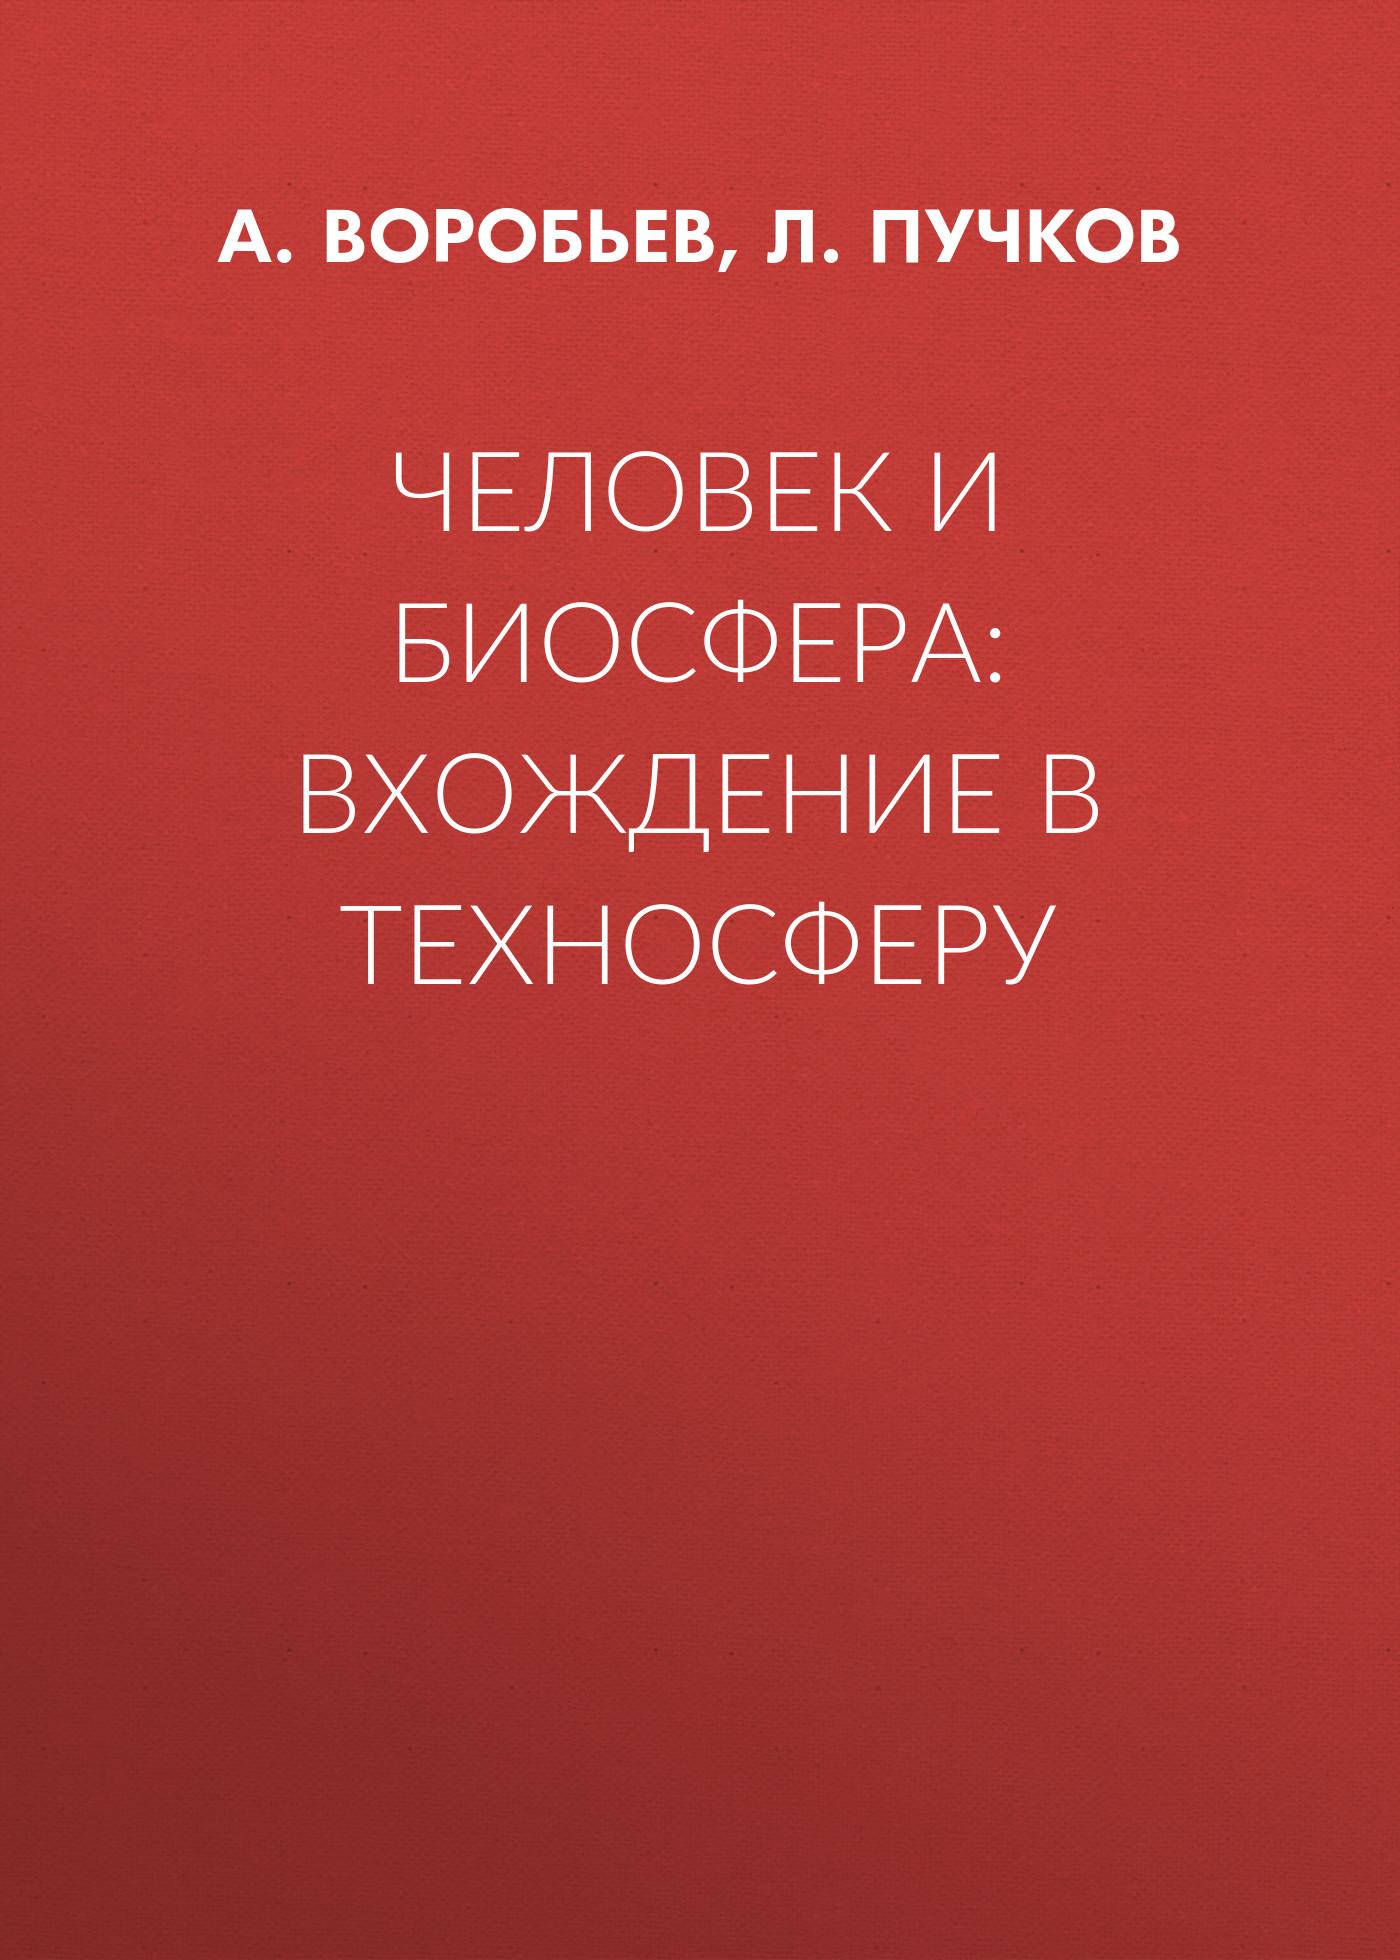 А. Воробьев Человек и биосфера: вхождение в техносферу галимов э м проблемы зарождения и эволюции биосферы